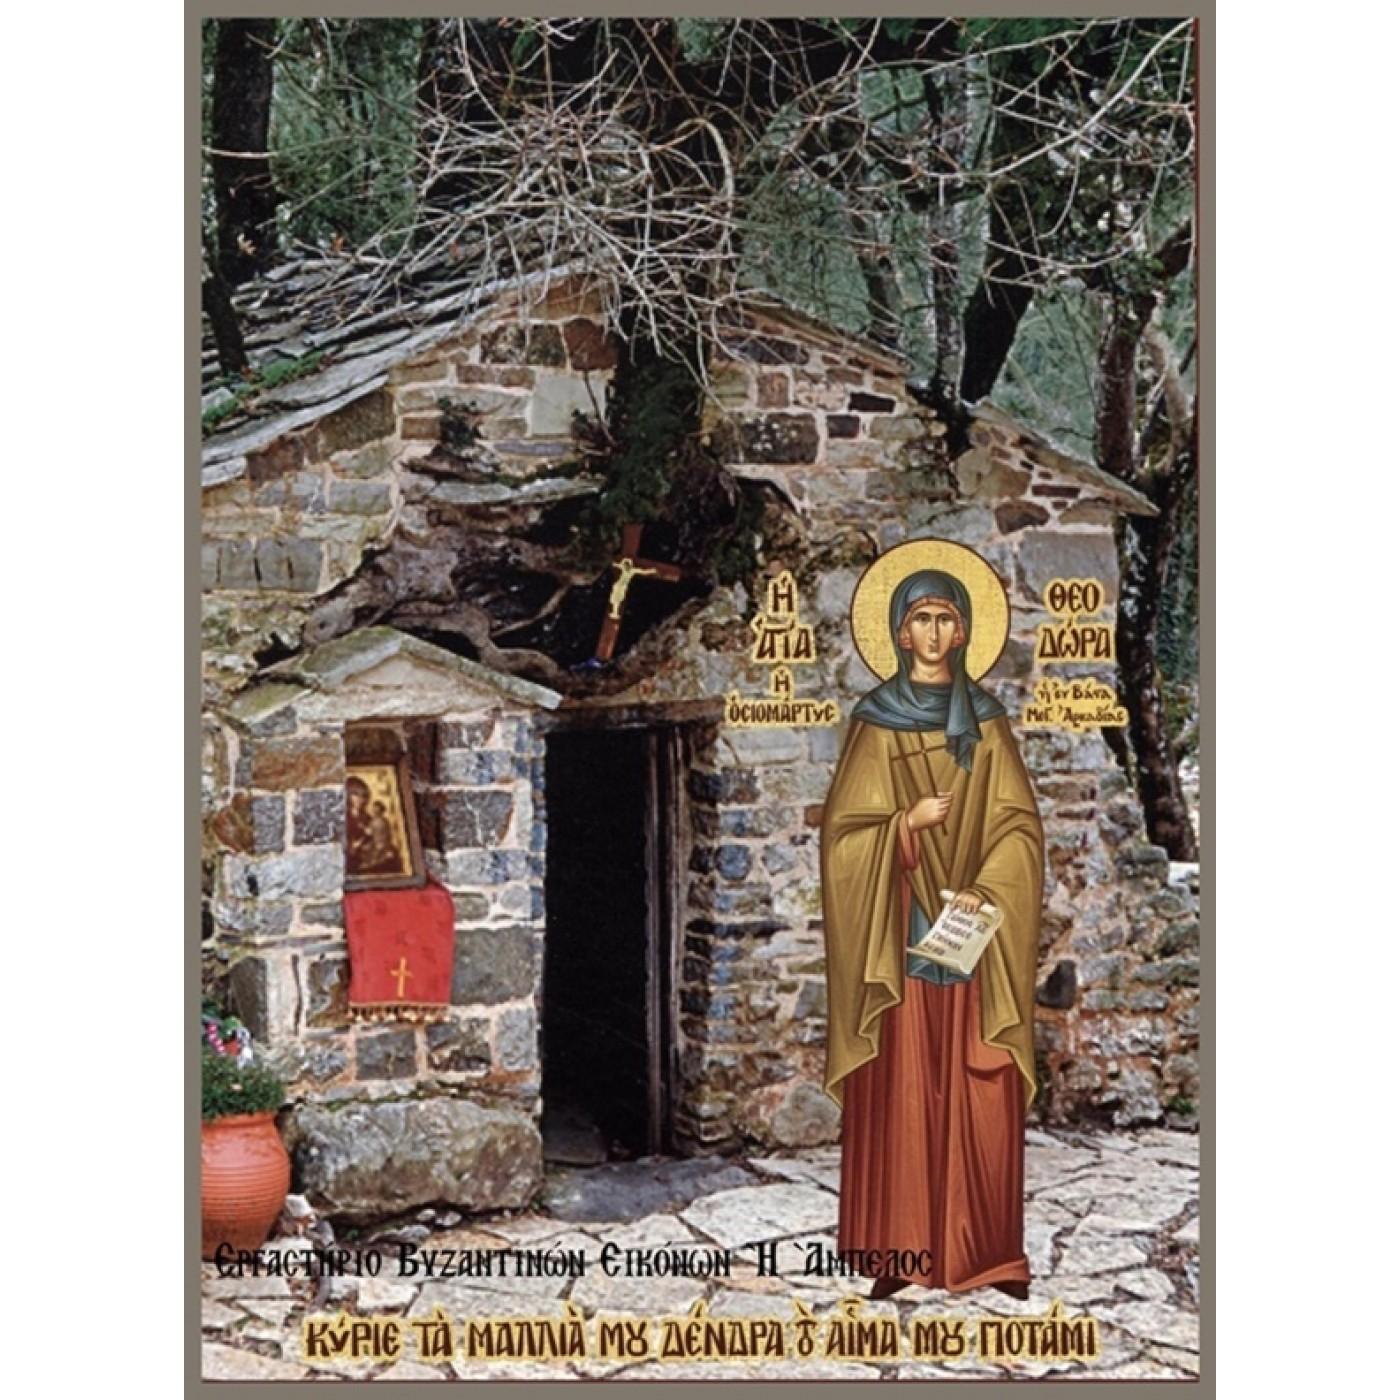 Αγία Θεοδώρα η Οσιομάρτυς η εν Βάστα Μεγ. Αρκαδίας